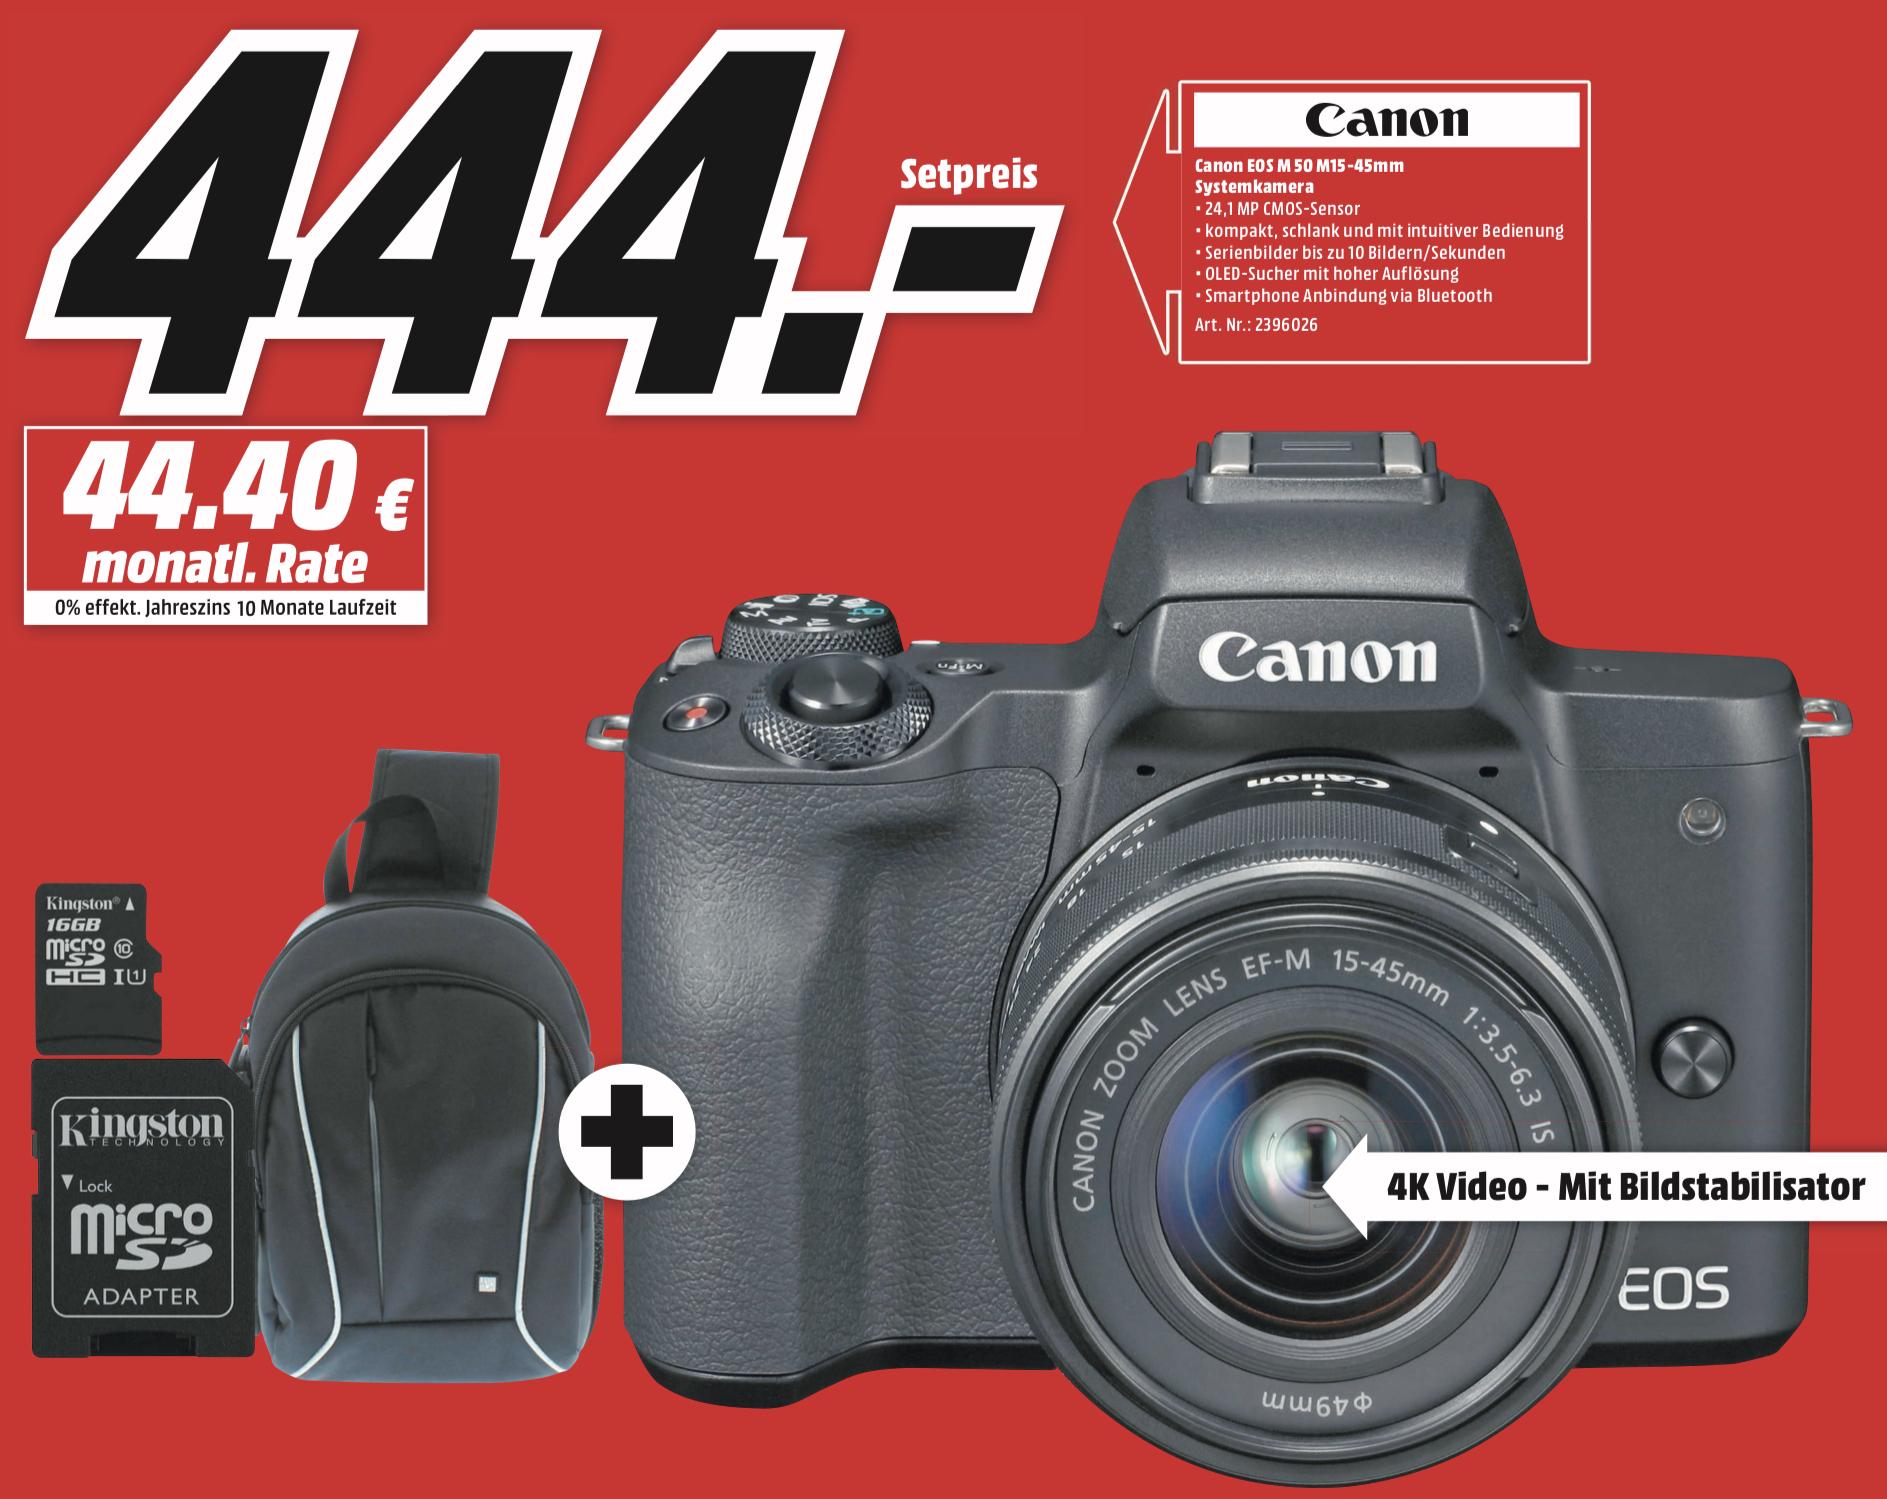 Lokal MediaMarkt Weiterstadt: CANON EOS M50 Kit Systemkamera 24.1 MP mit Objektiv 15-45 mm + Tasche + Speicherkarte für 444€